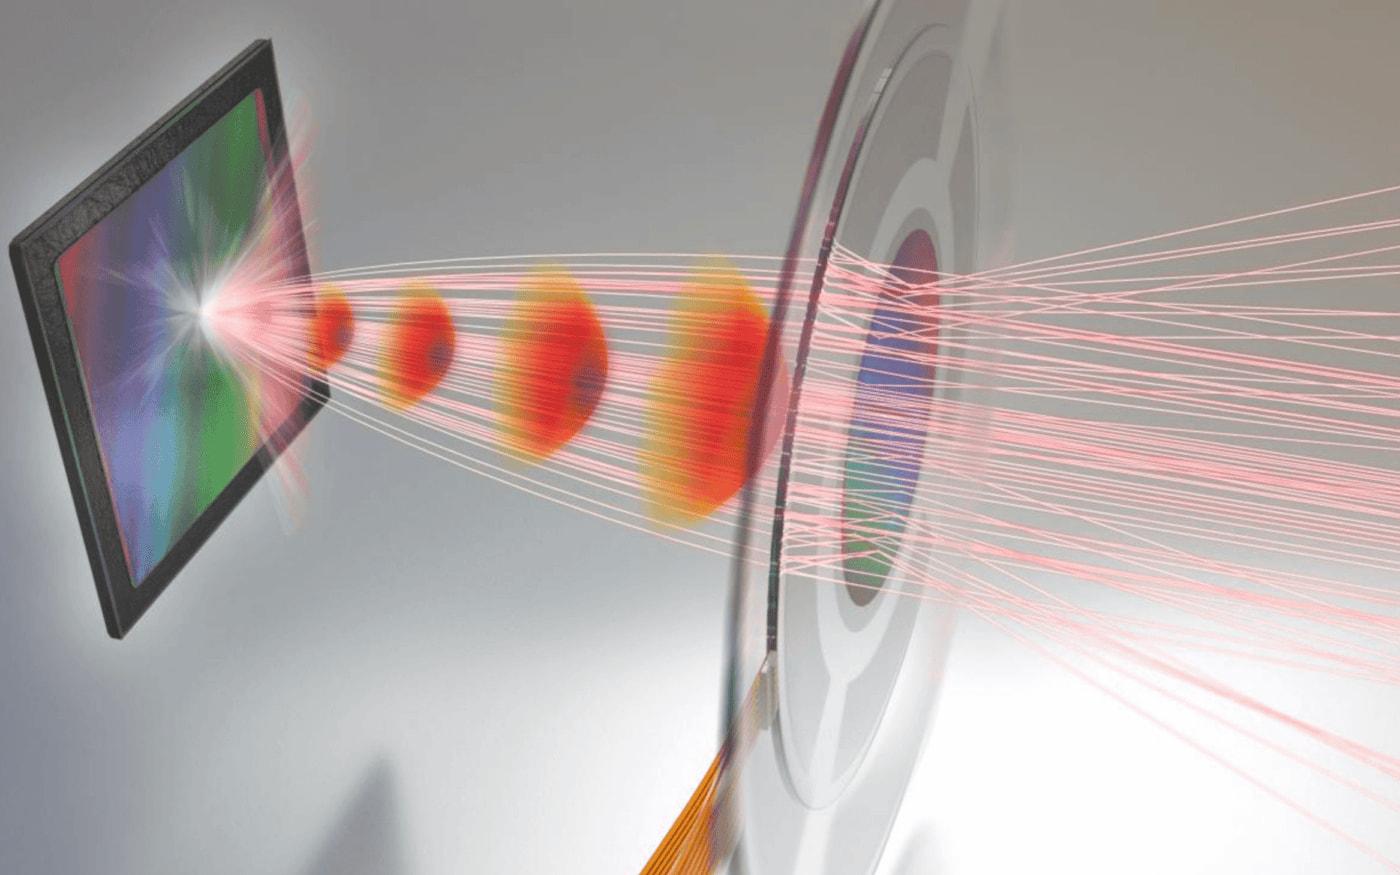 Revolução na tecnologia: Pesquisadores criam lentes melhores que o olho humano